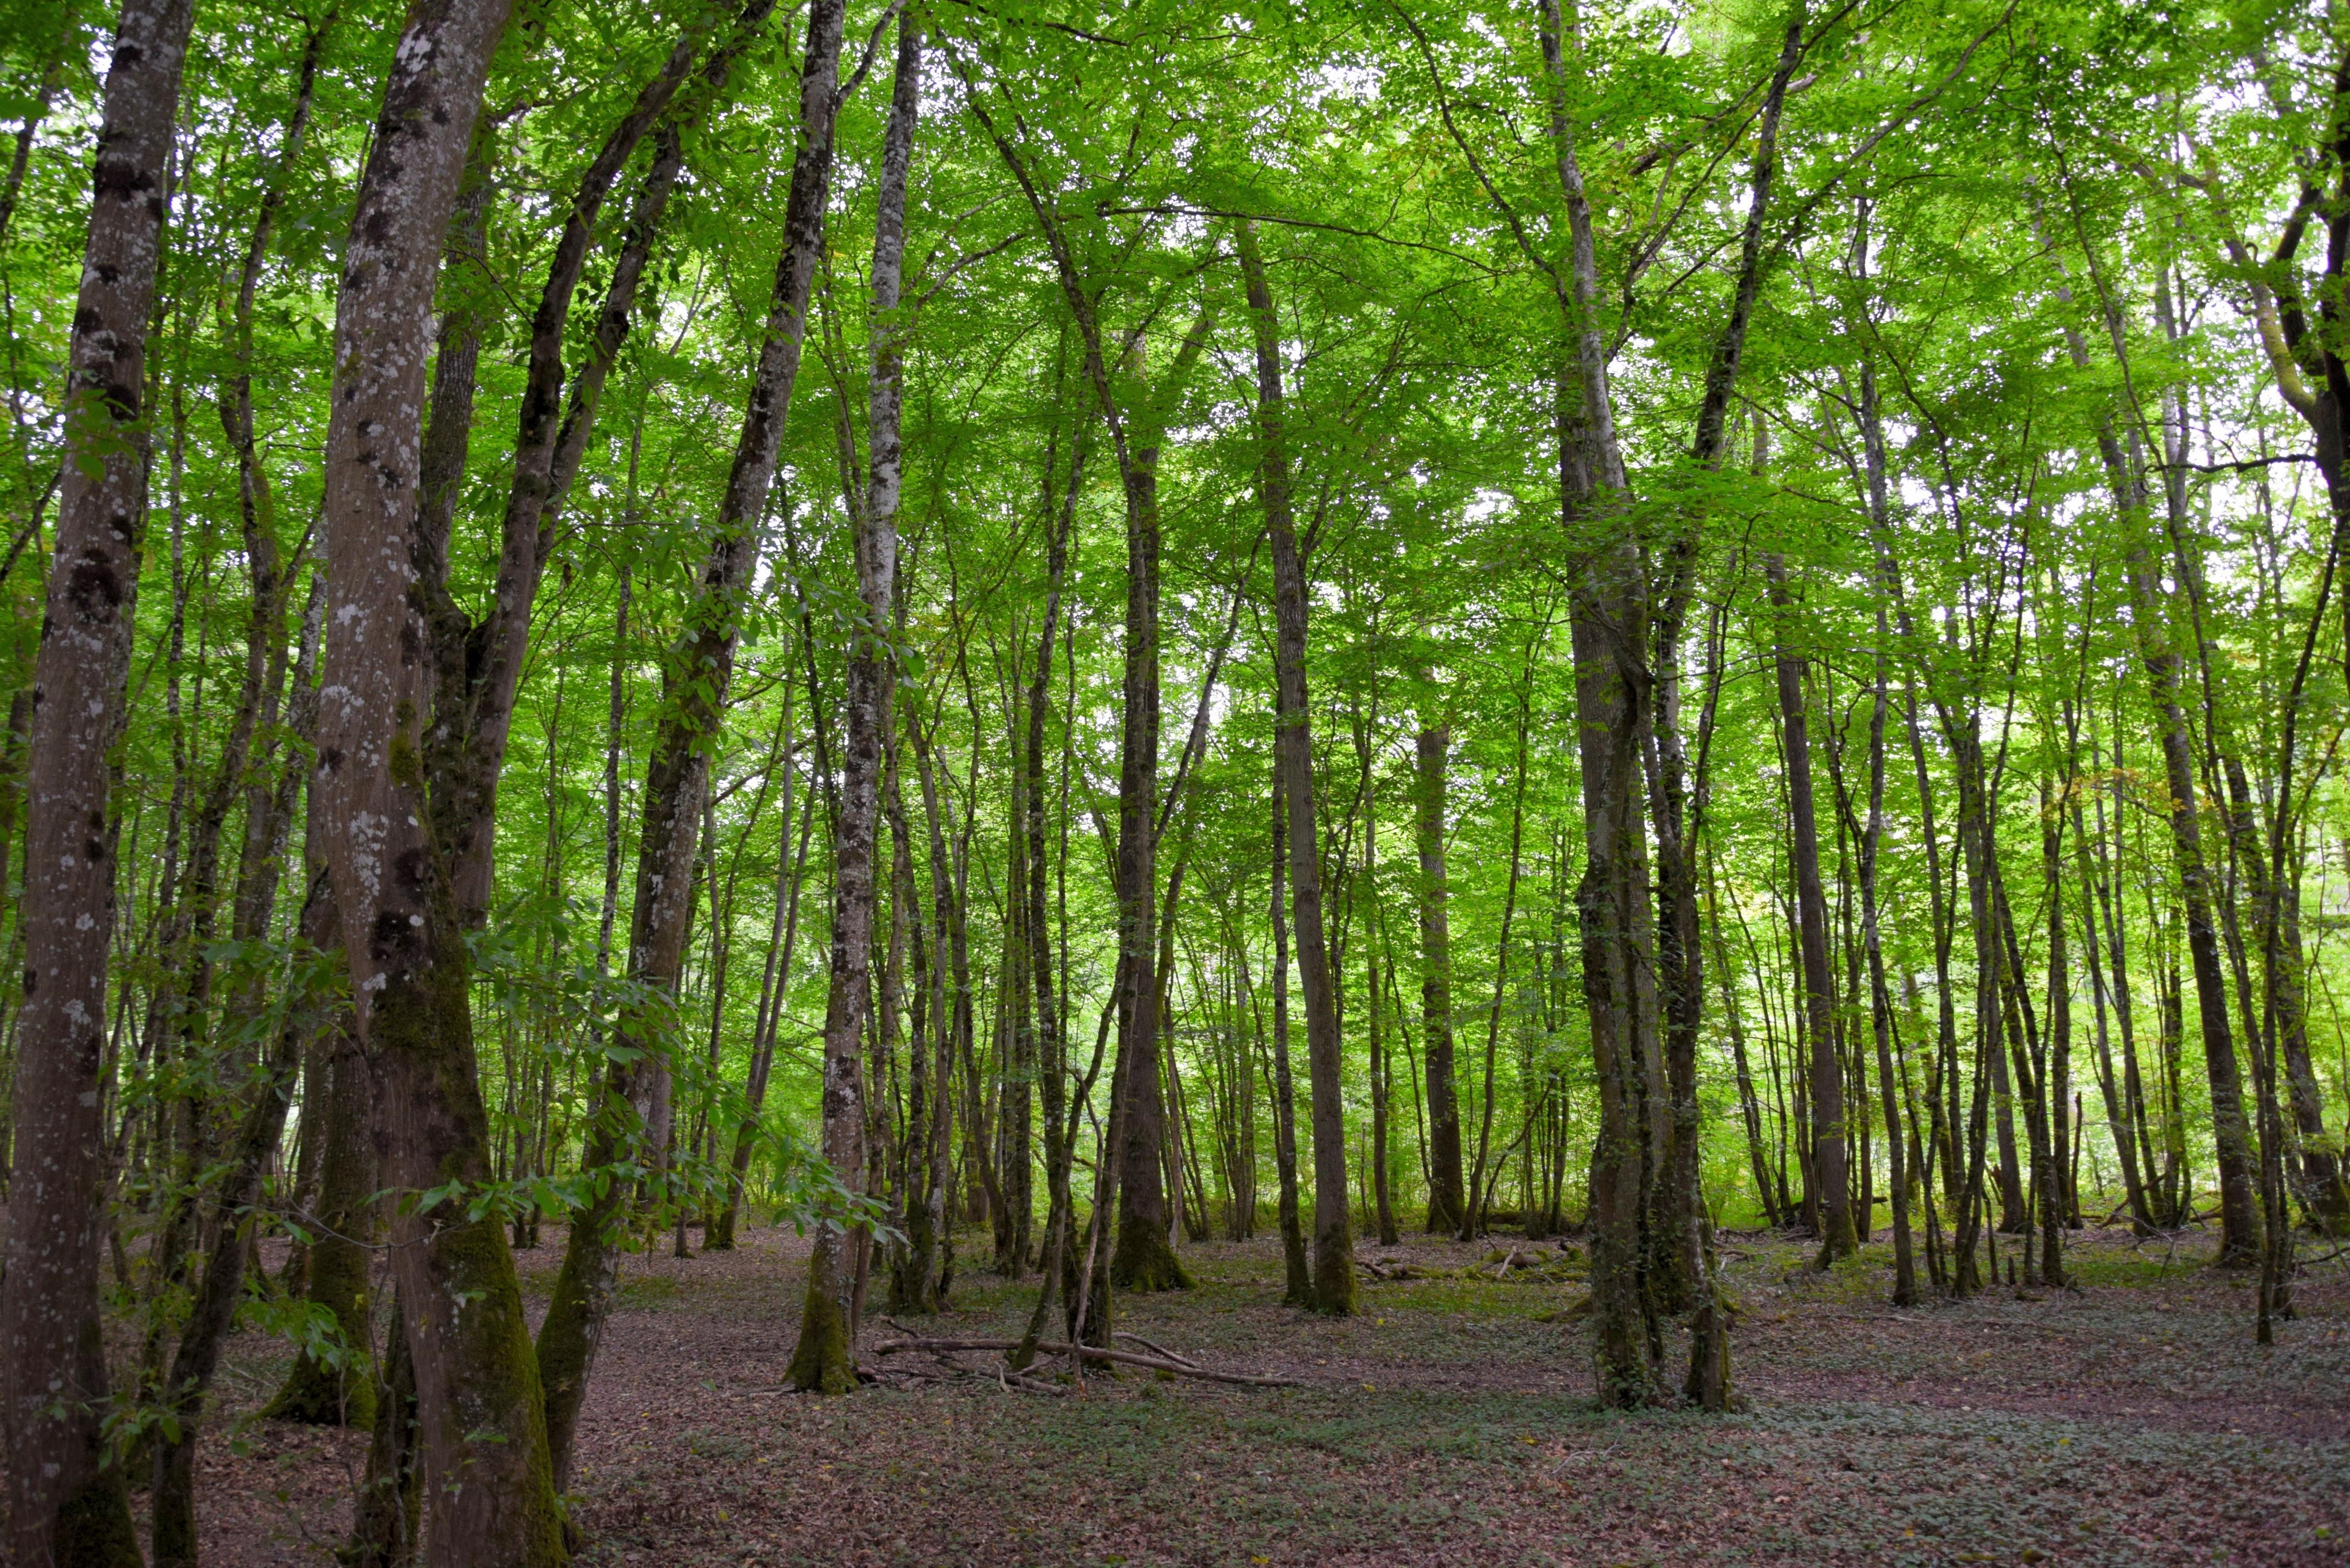 Free Images : Tree, Nature, Horizon, Branch, Bokeh